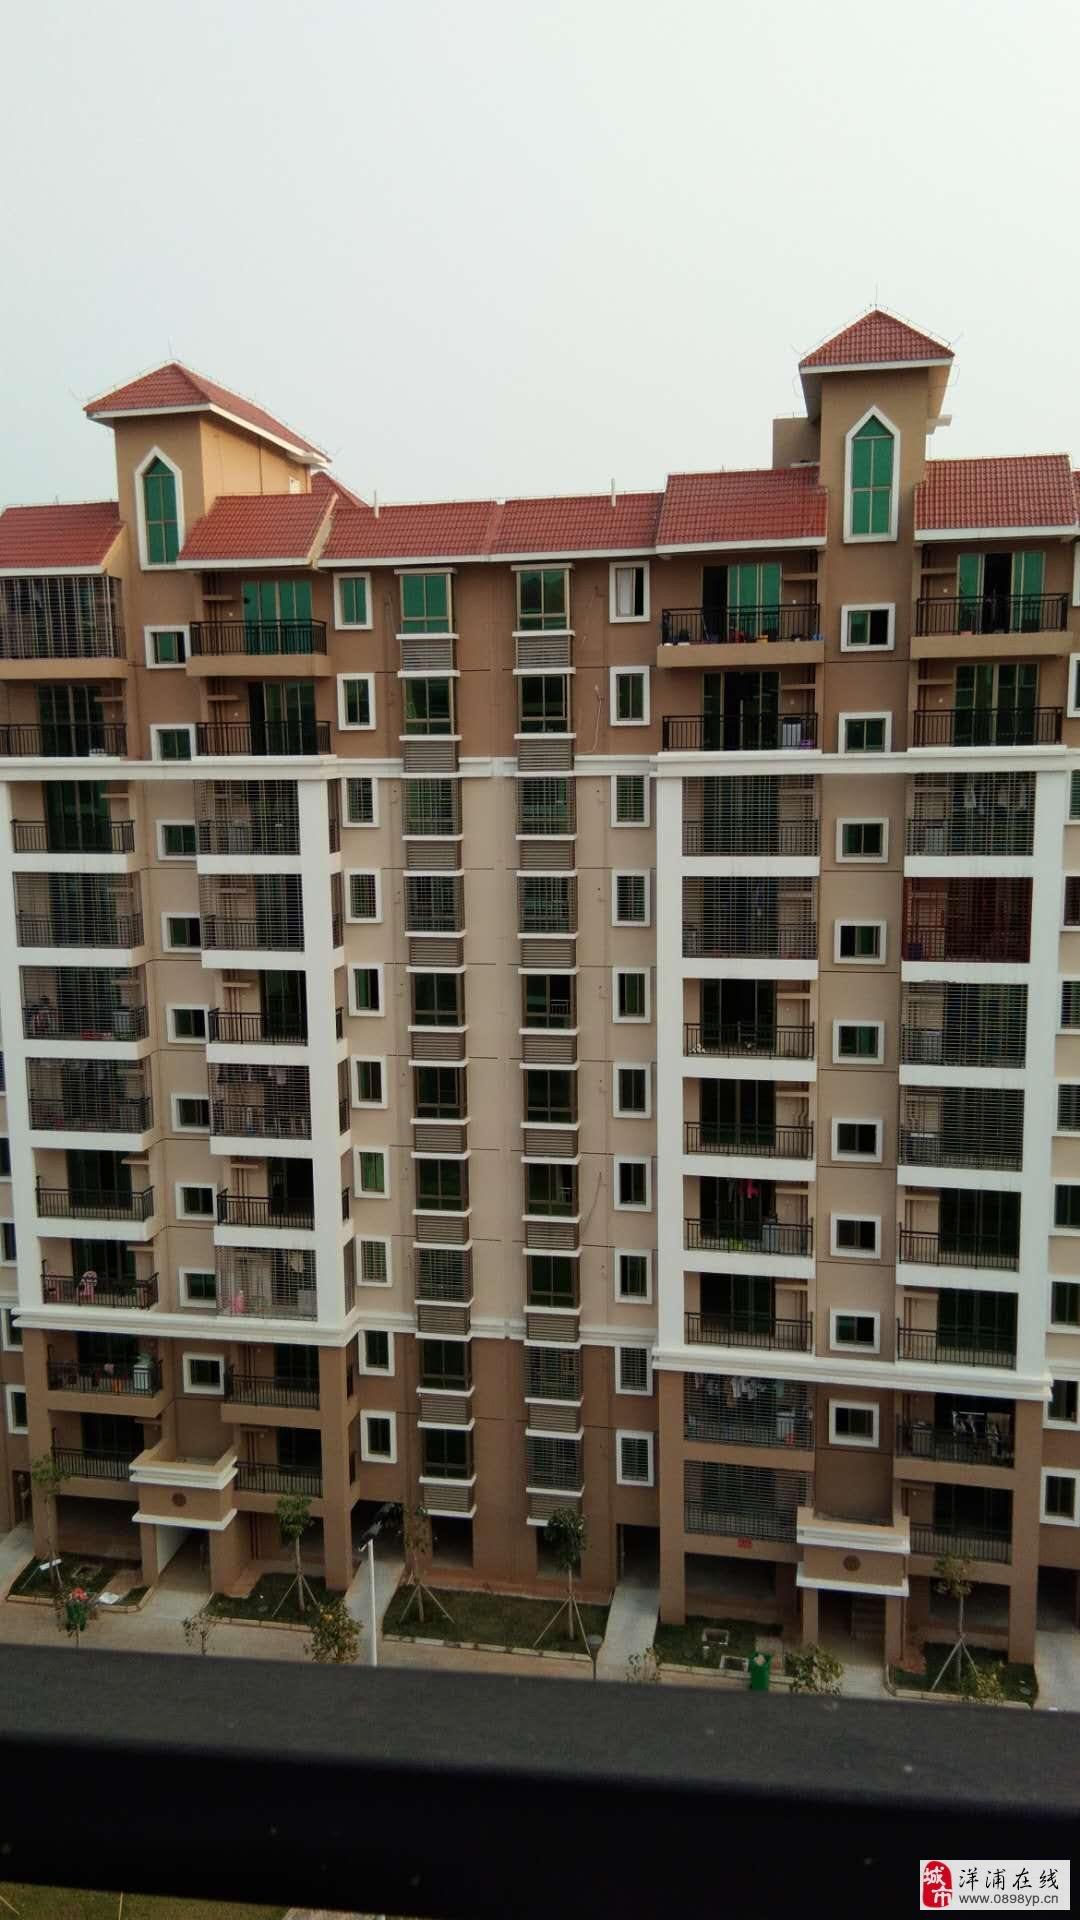 洋浦大桥-千年古盐田-119亩3室1厅1卫55万元